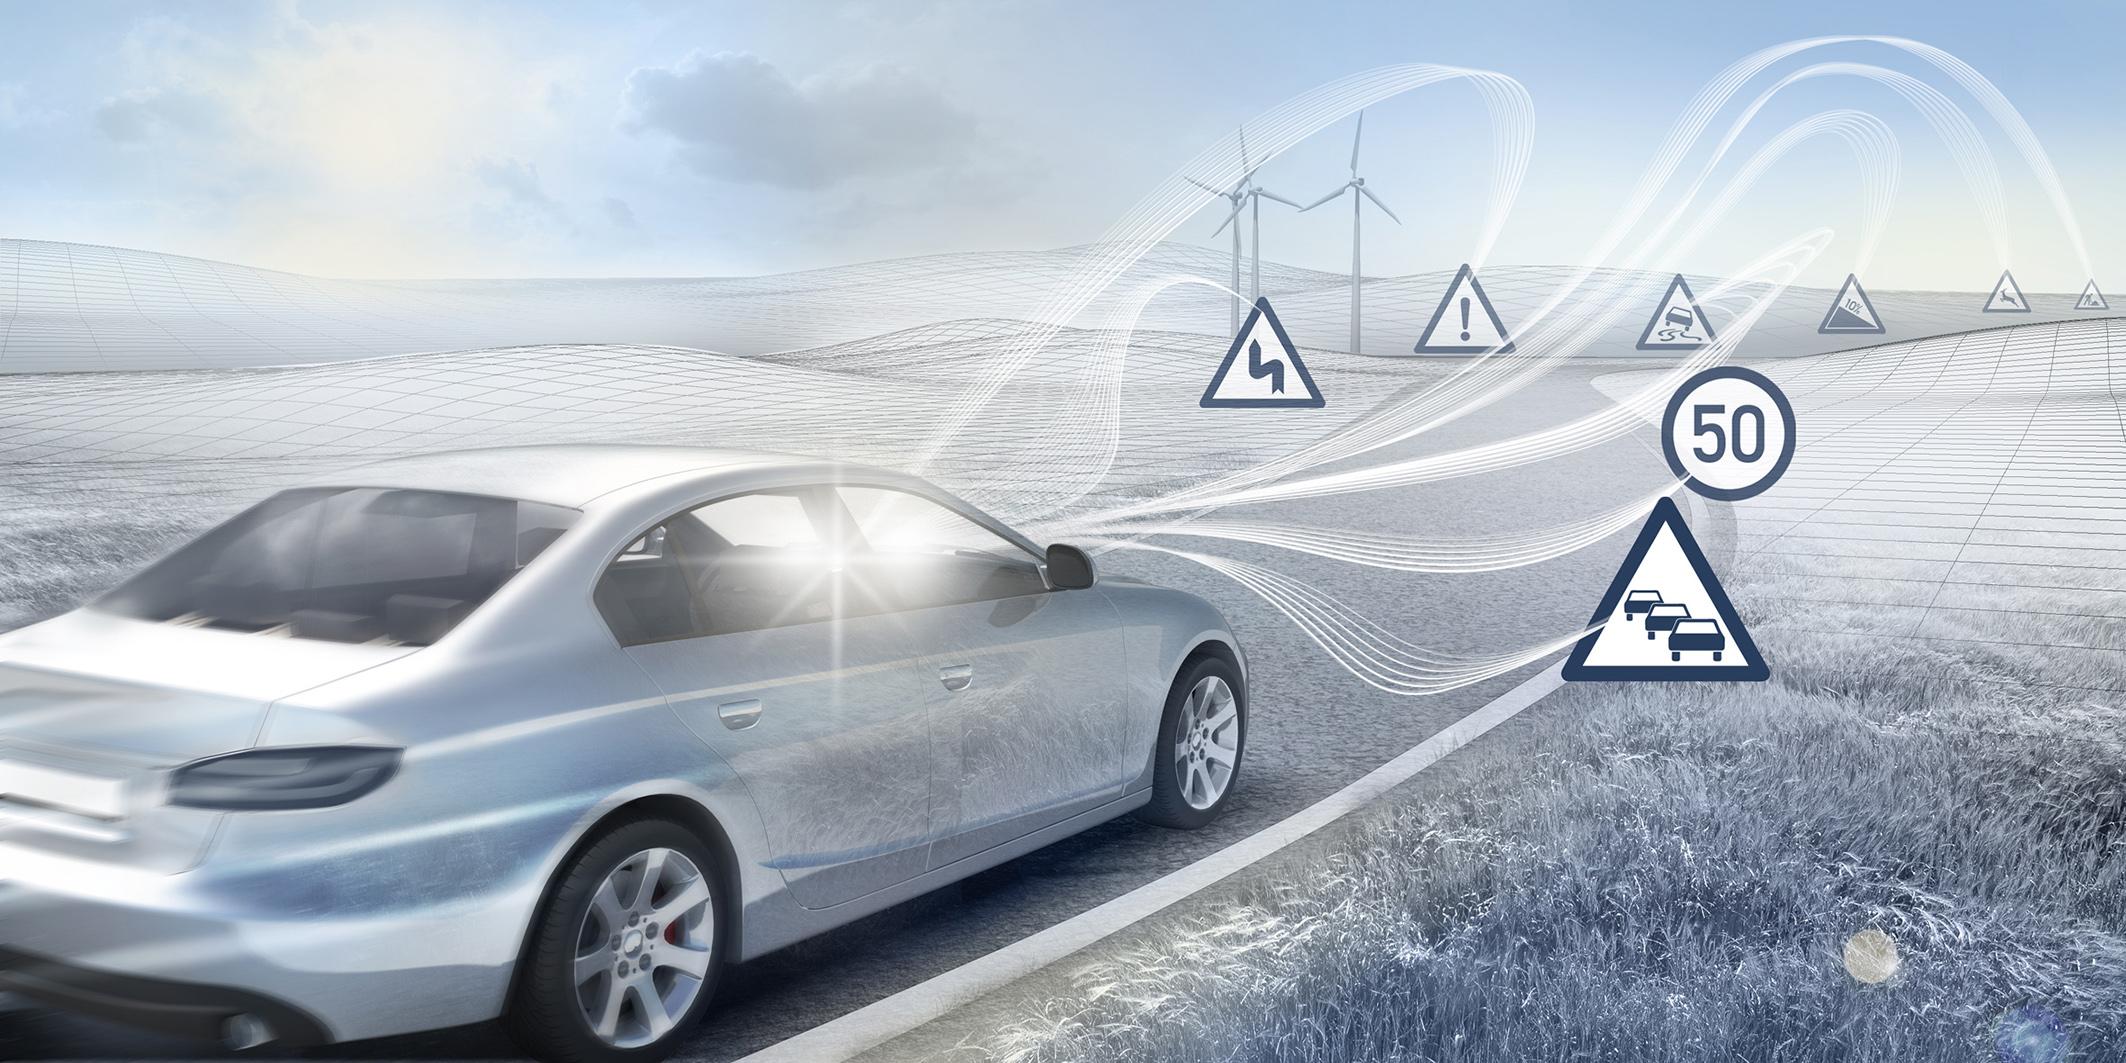 Automobily sa stávajú aktívnou súčasťou internetu Hardvér, softvér a riešenia v oblasti služieb Bosch pre pripojené automobily Konektivita je kľúčom k elektrifikovanému a automatizovanému šoférovaniu